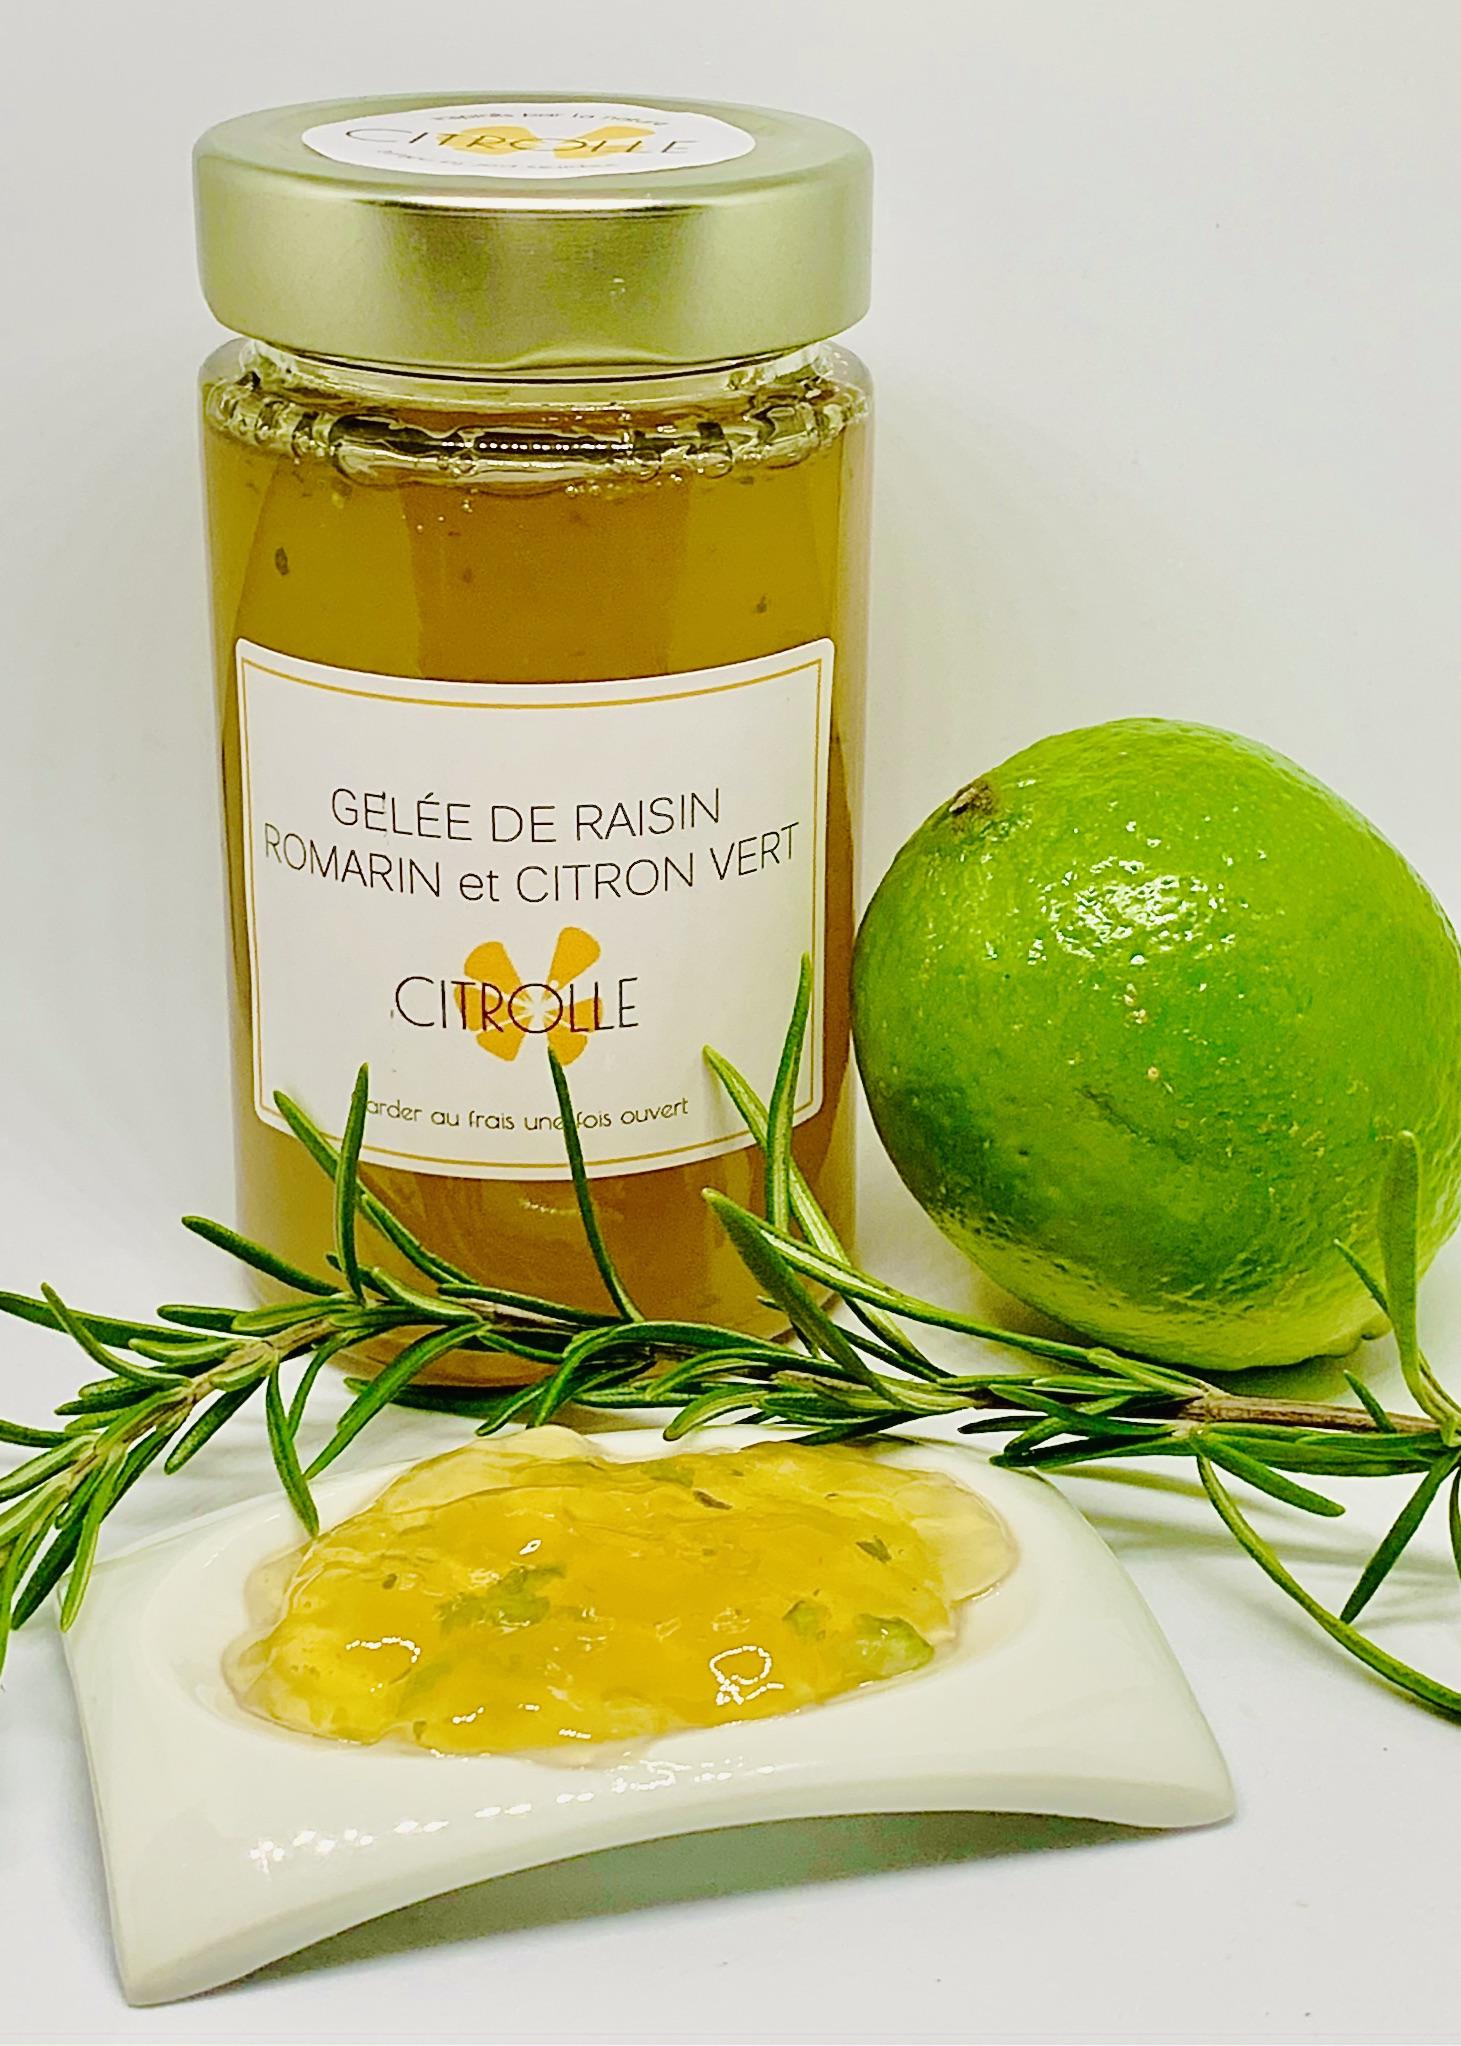 Gelée raisin romarin citron vert